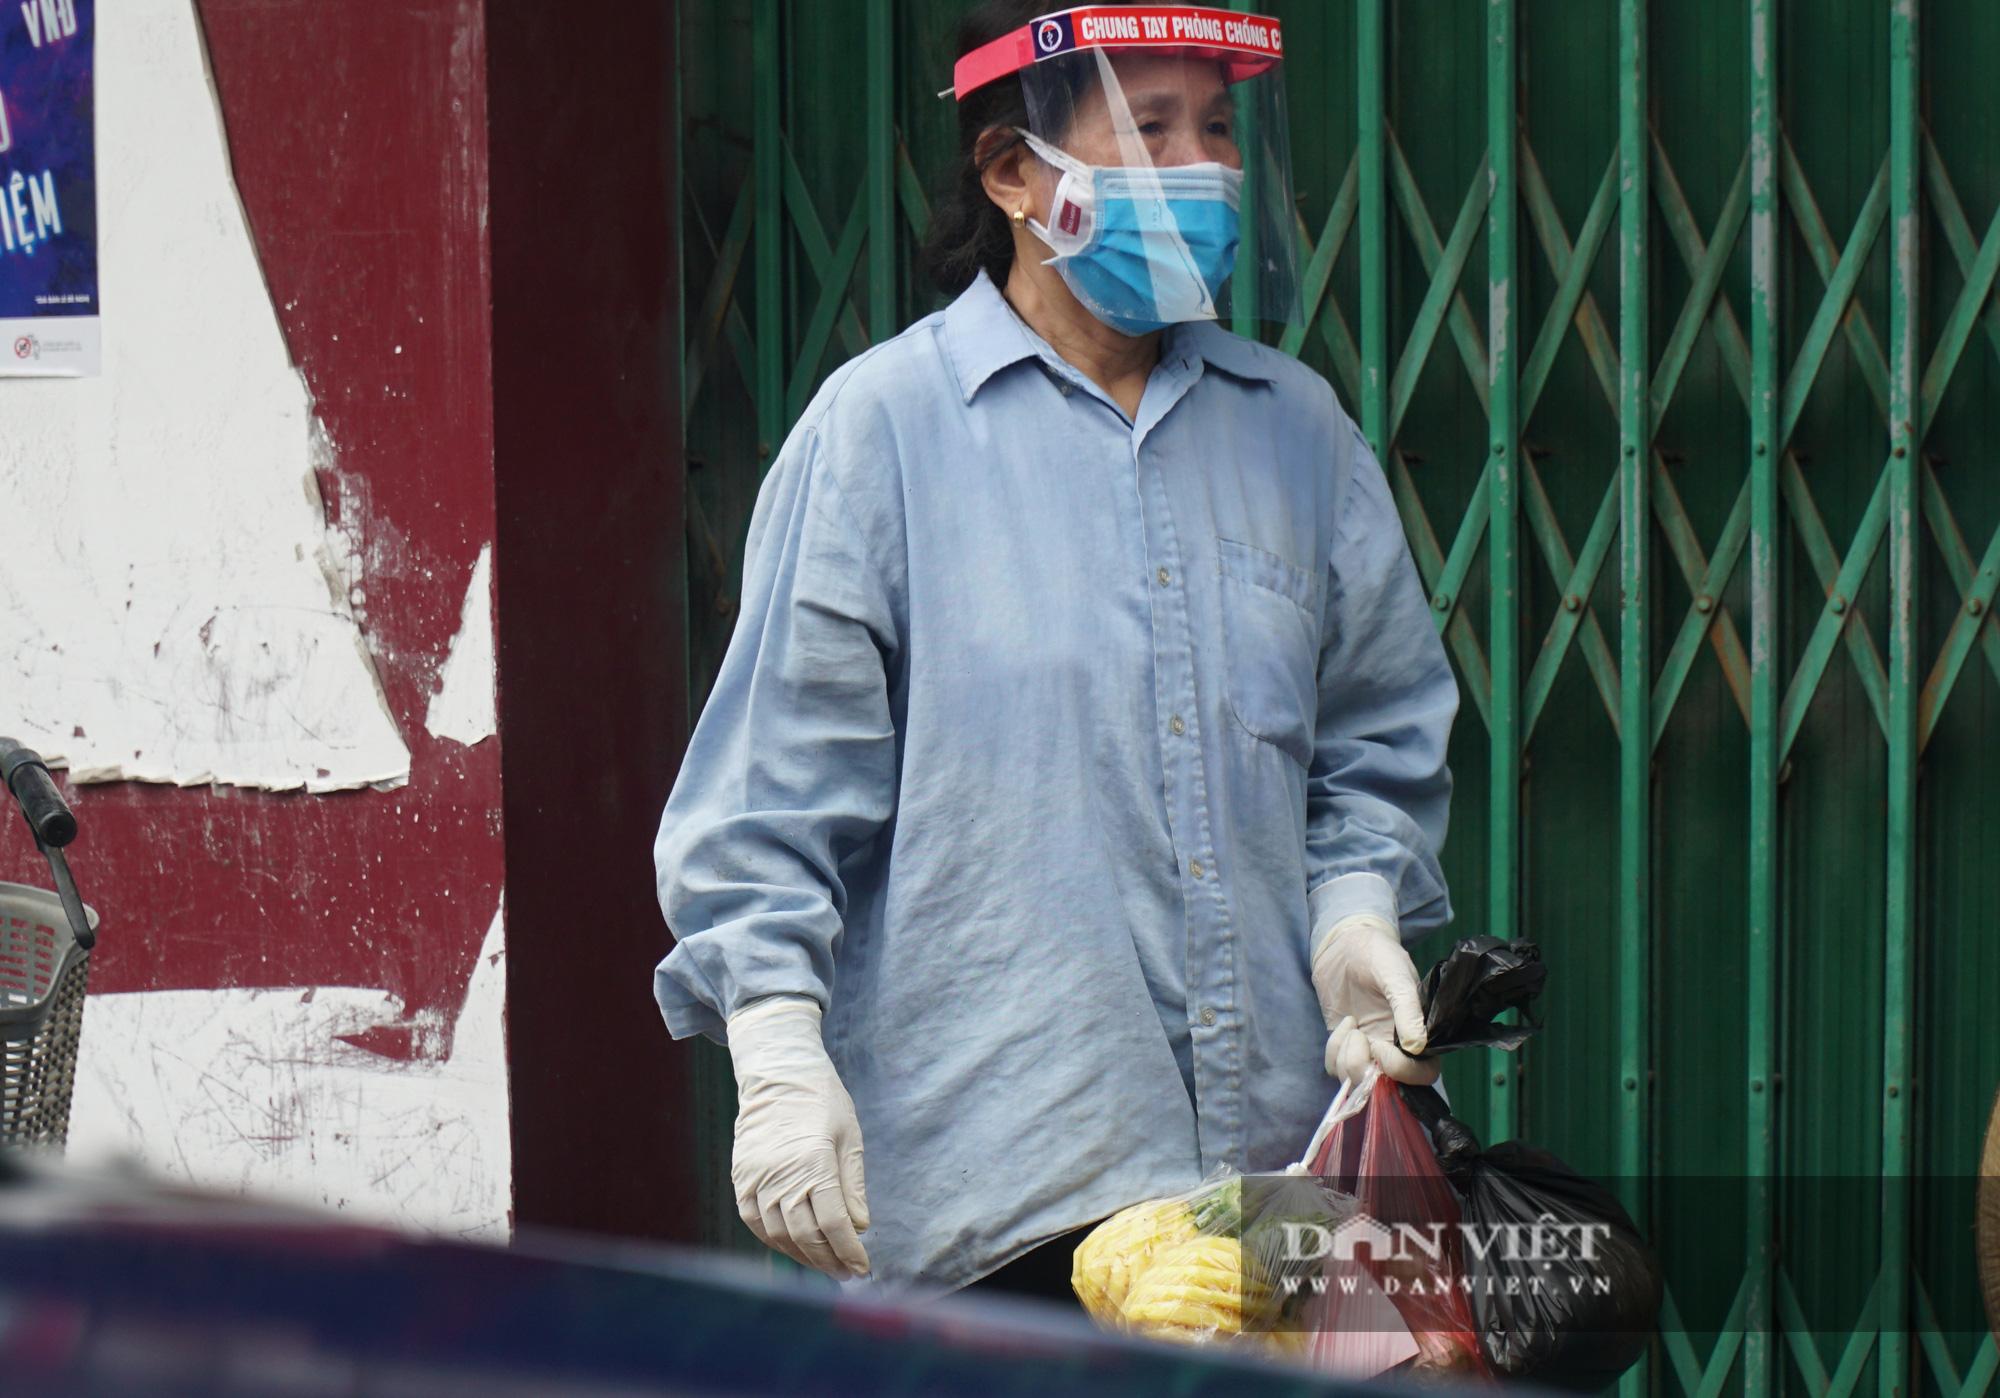 Mang gạo, mỳ tôm, thịt gà tiếp tế cho người dân trong khu phố Kiều Mai bị phong toả - Ảnh 6.